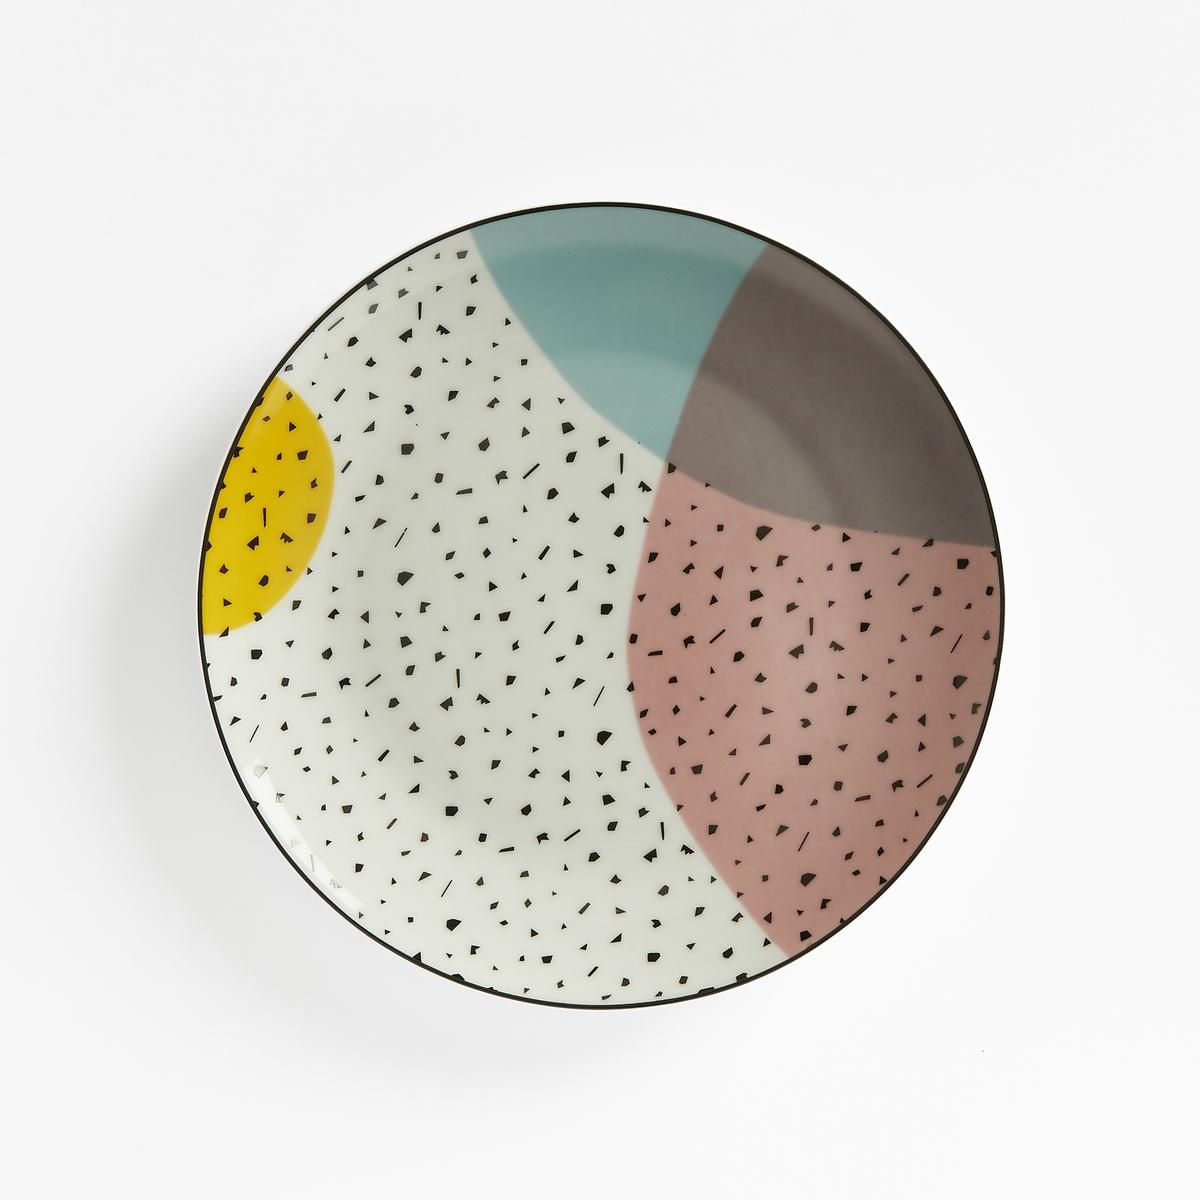 Комплект из 4 десертных тарелок, RENKLIОписание:Тарелки с графическими и цветными рисунками добавят свежести вашему столу.Характеристики 4 тарелок Renkli : •  Из фаянса •  Графический рисунок •  Однотонный кант контрастного цвета, нанесенный вручную •  Подходит для мытья в посудомоечной машине и использования в микроволновой печиРазмеры 4 тарелок Renkli : •  Диаметр 19,5 смДругие предметы декора стола вы можете найти на сайте laredoute.ru<br><br>Цвет: набивной рисунок<br>Размер: единый размер